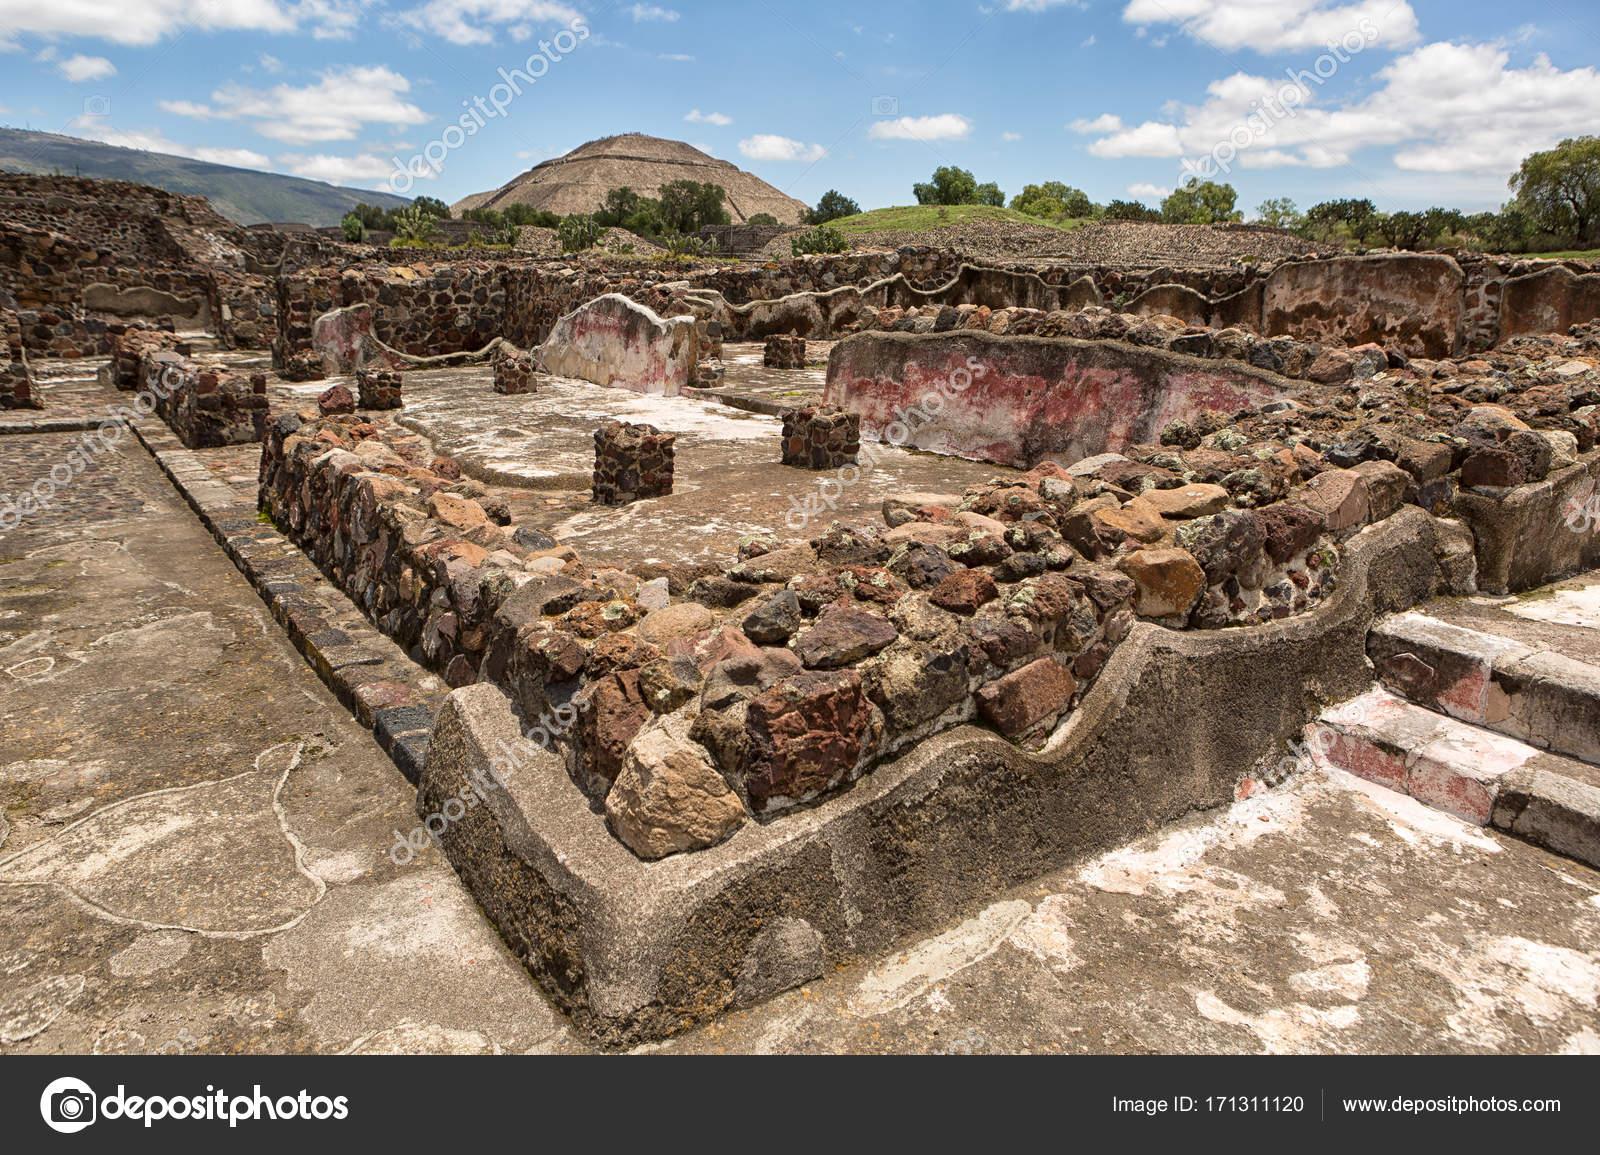 15 de mayo de 2014 teotihuacan méxico antiguas construcciones de ruina azteca con la pirámide del sol en el fondo en el sitio arqueológico de teotihucán